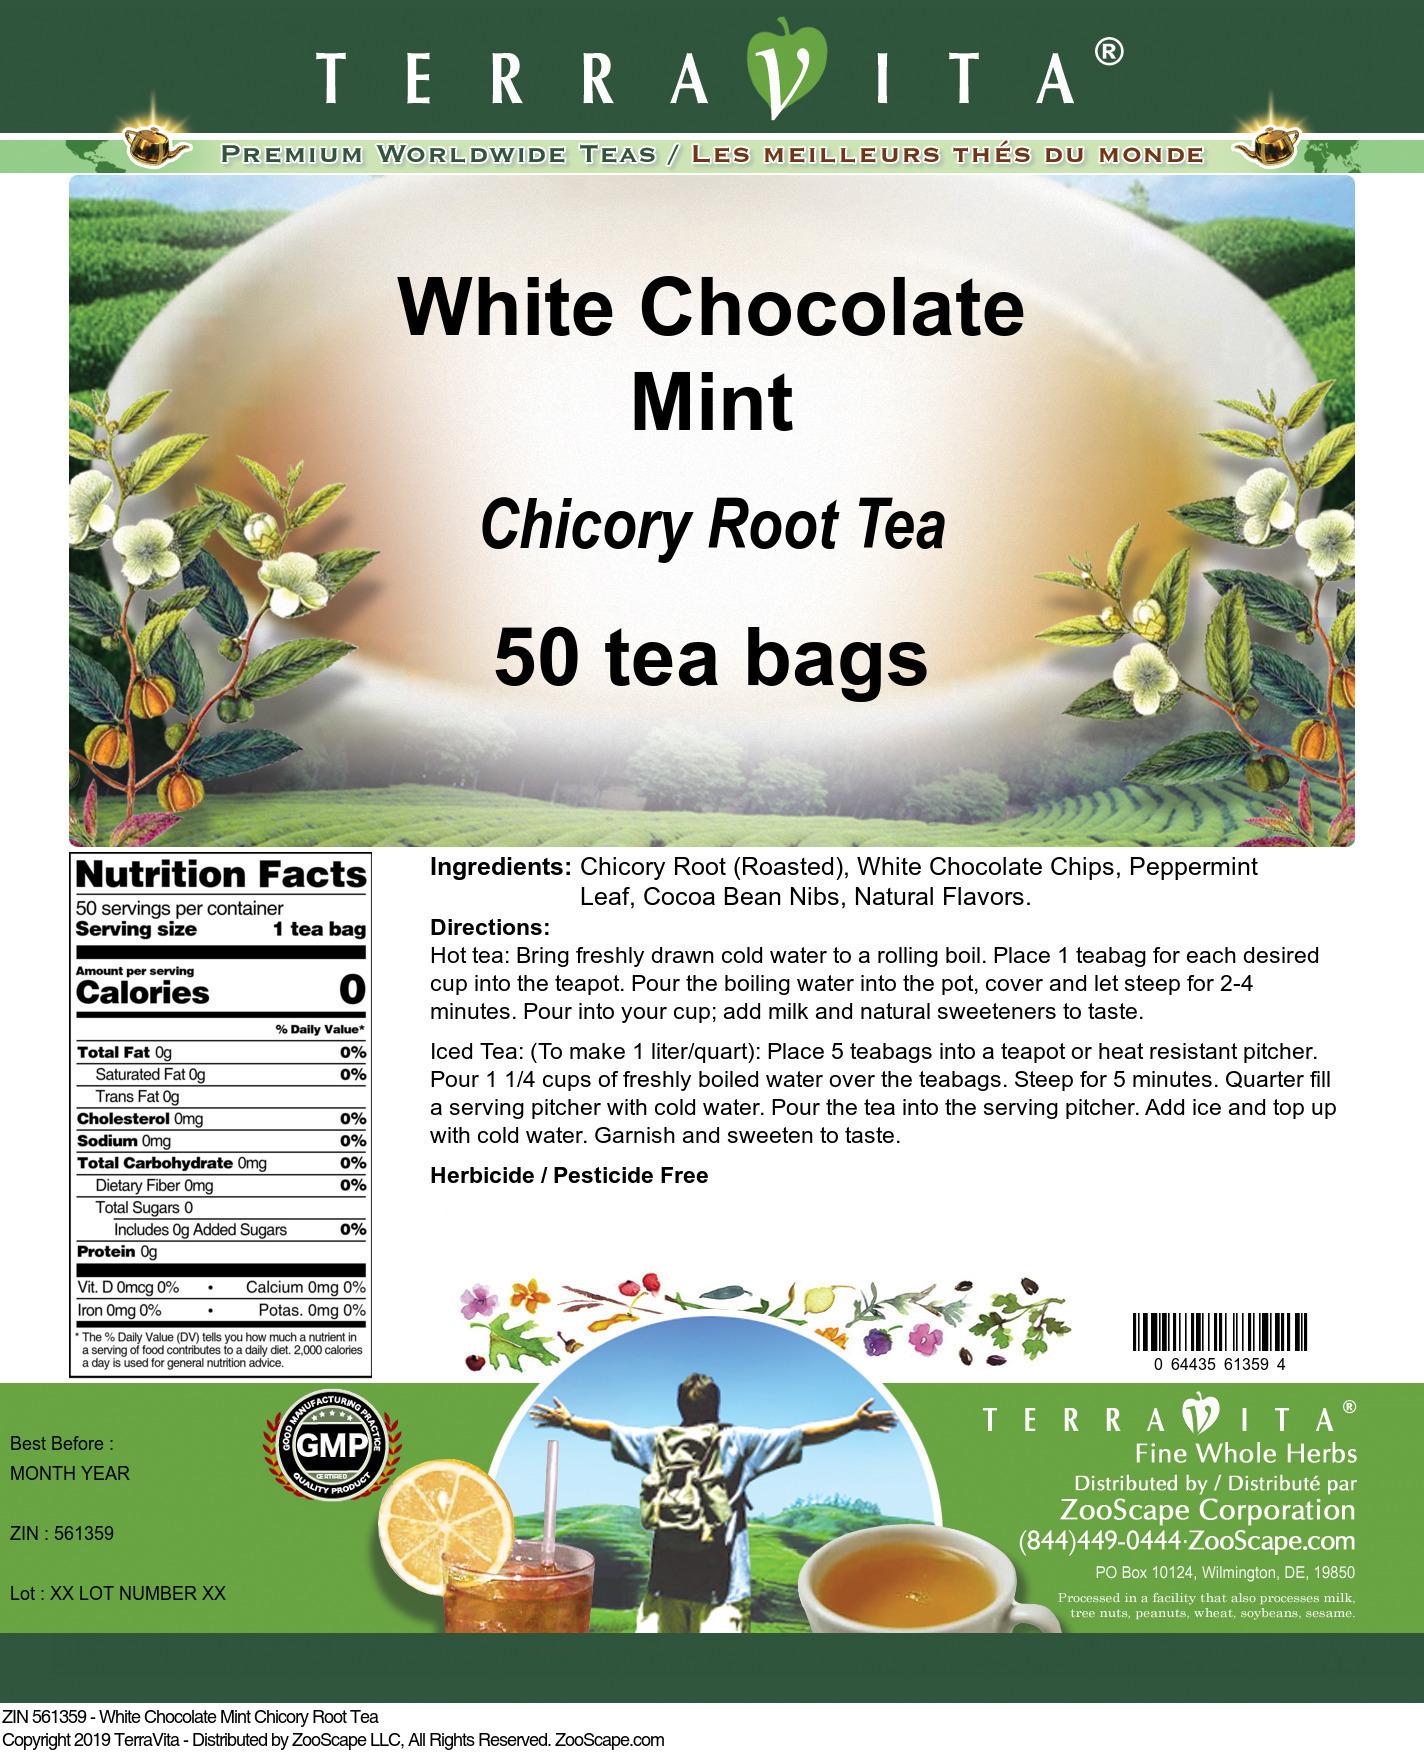 White Chocolate Mint Chicory Root